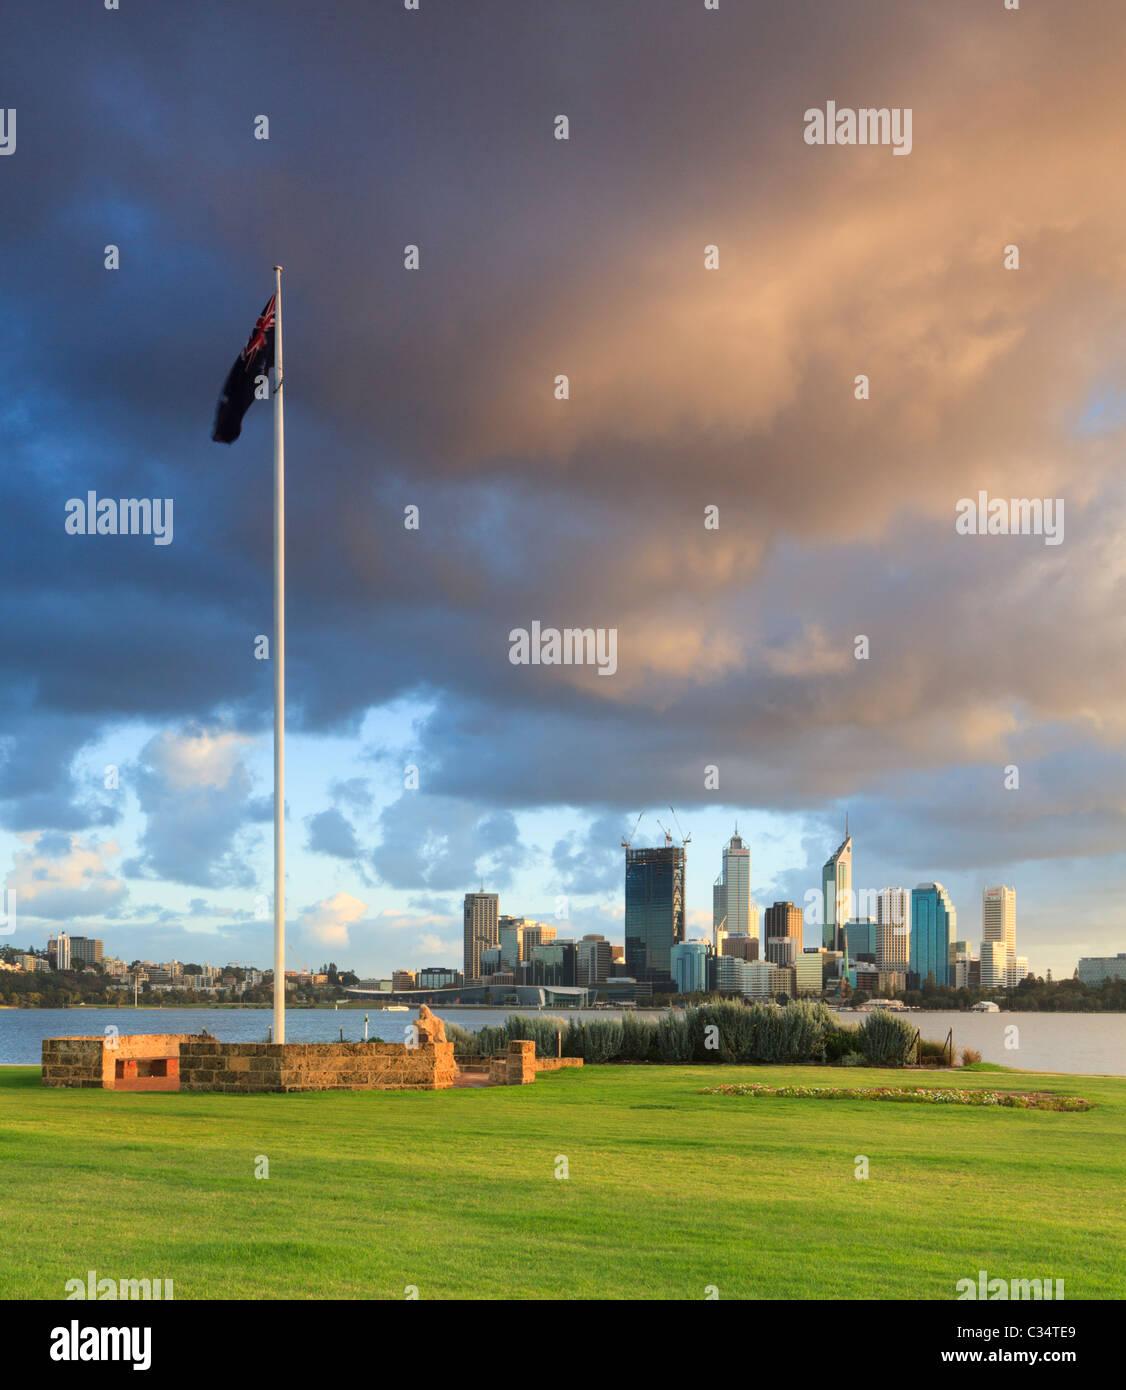 Australische Flagge in Sir James Mitchell Park, South Perth bei Sonnenaufgang über Perth City fliegen. Stockbild